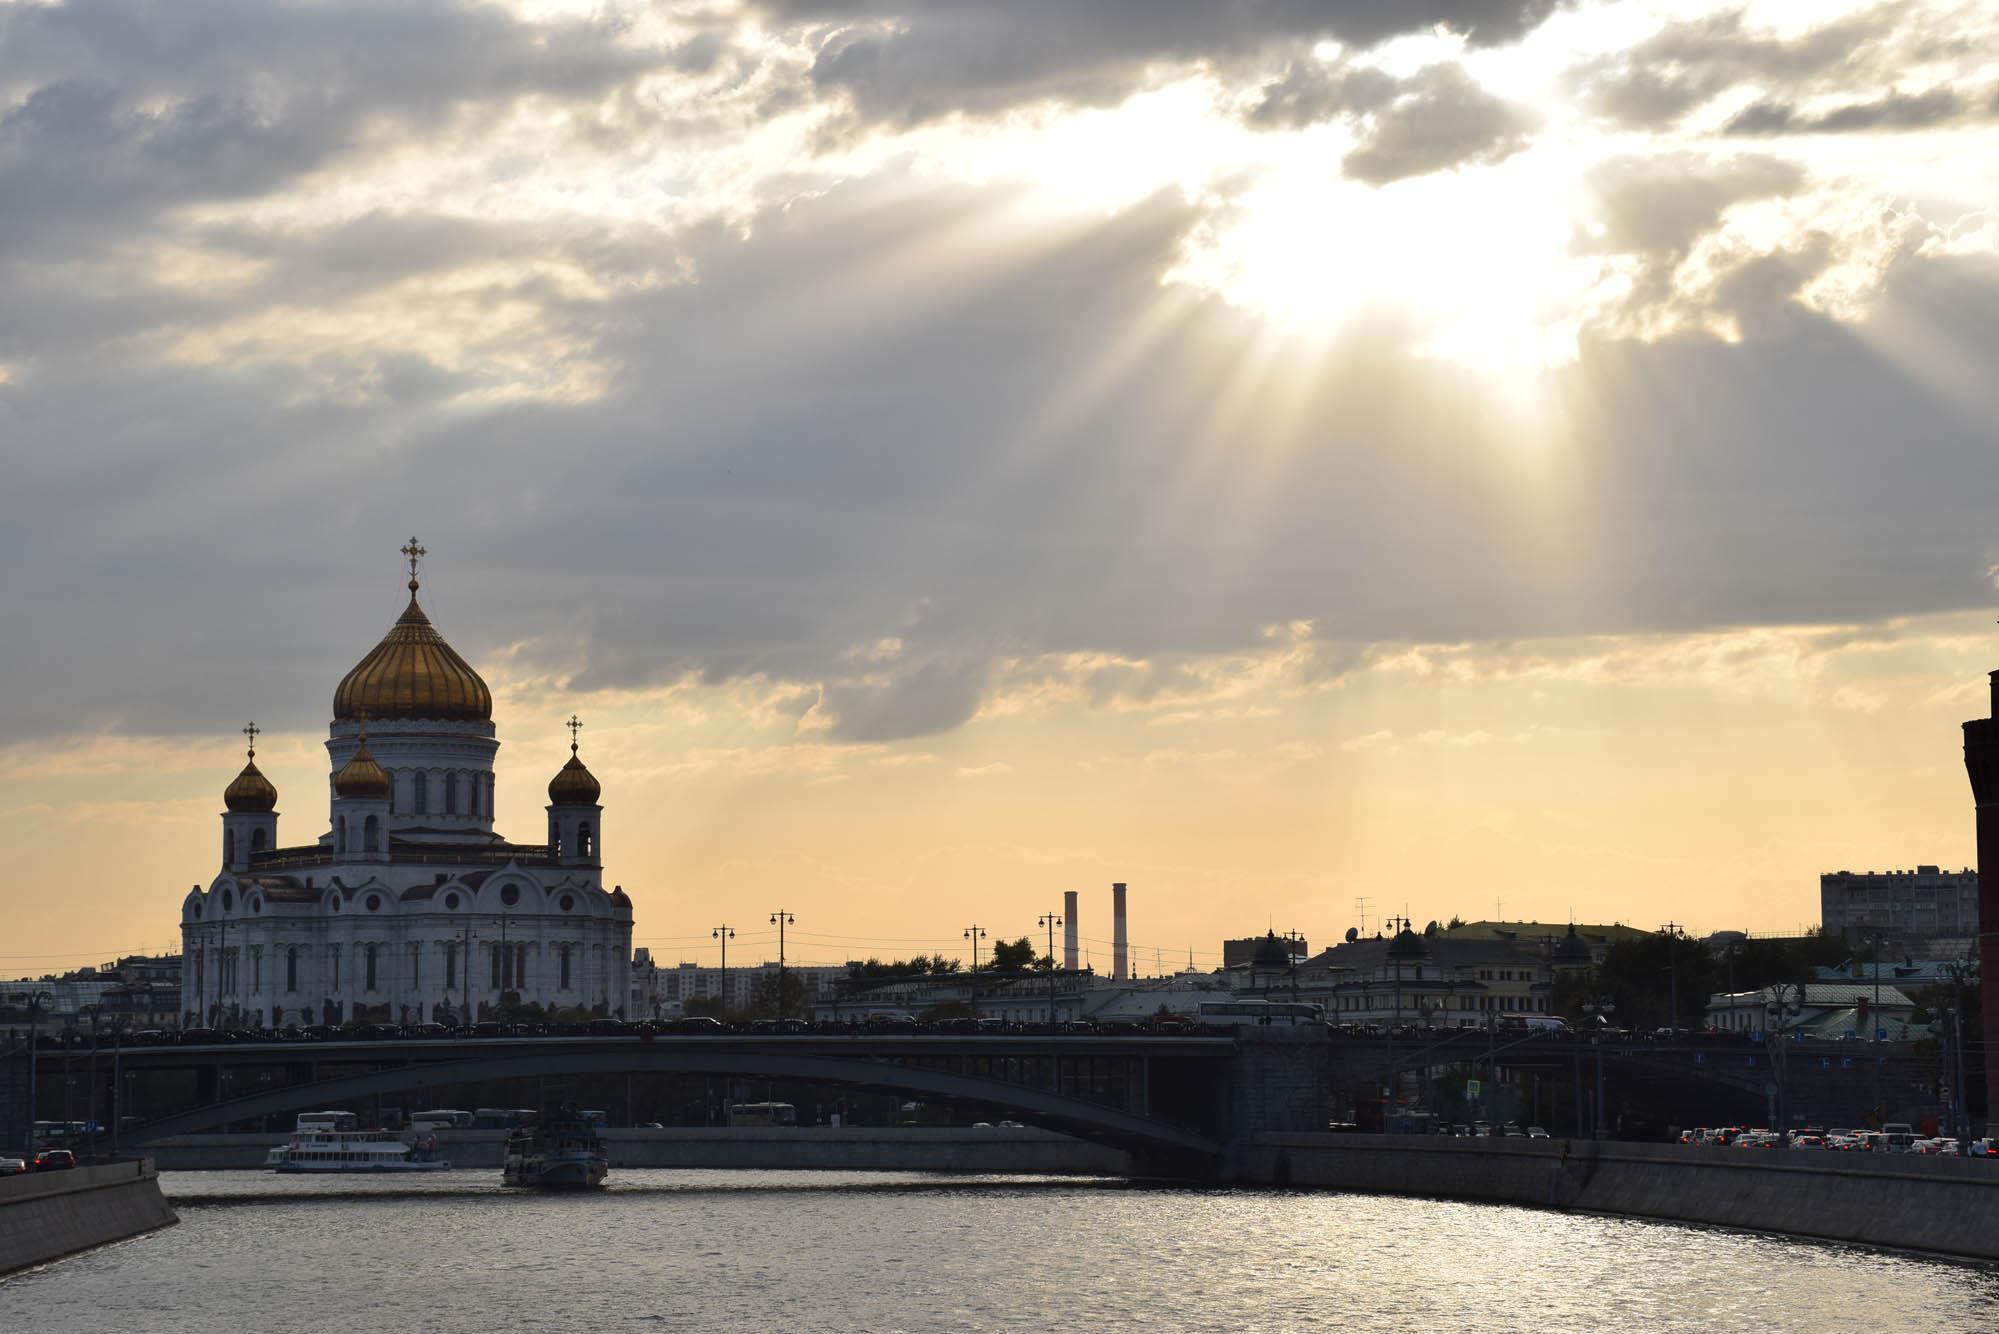 Catedral de Cristo Salvador - Moscou (visto do passeio de barco pelo Rio Moskva)